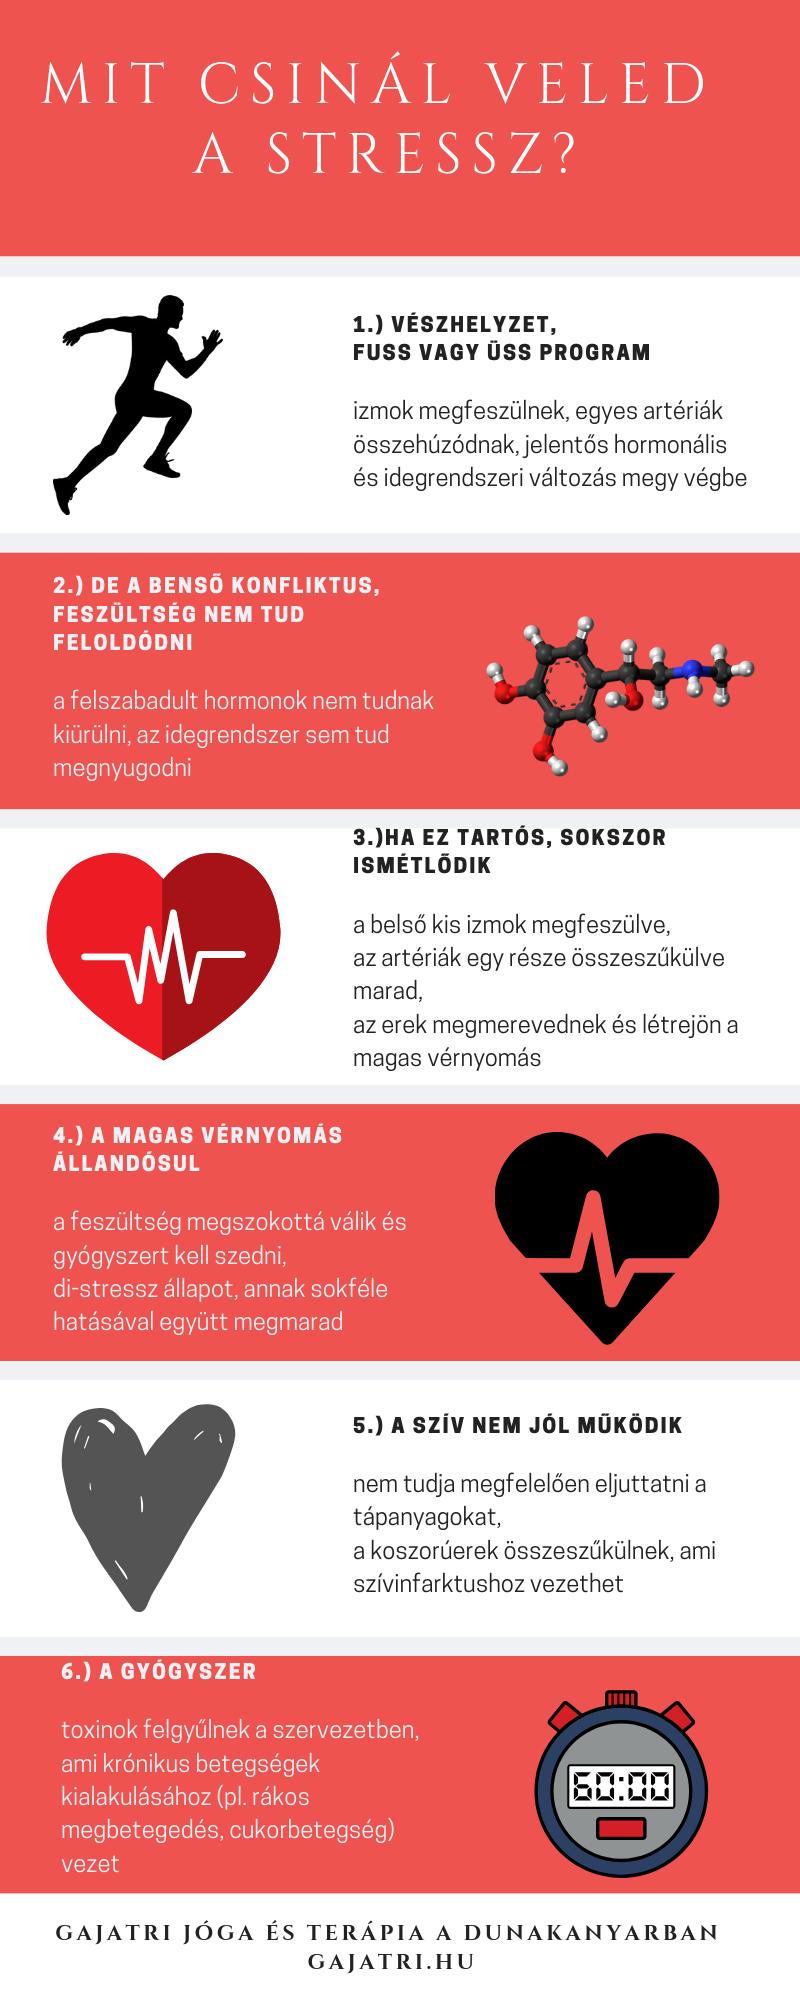 mi az elhanyagolt magas vérnyomás